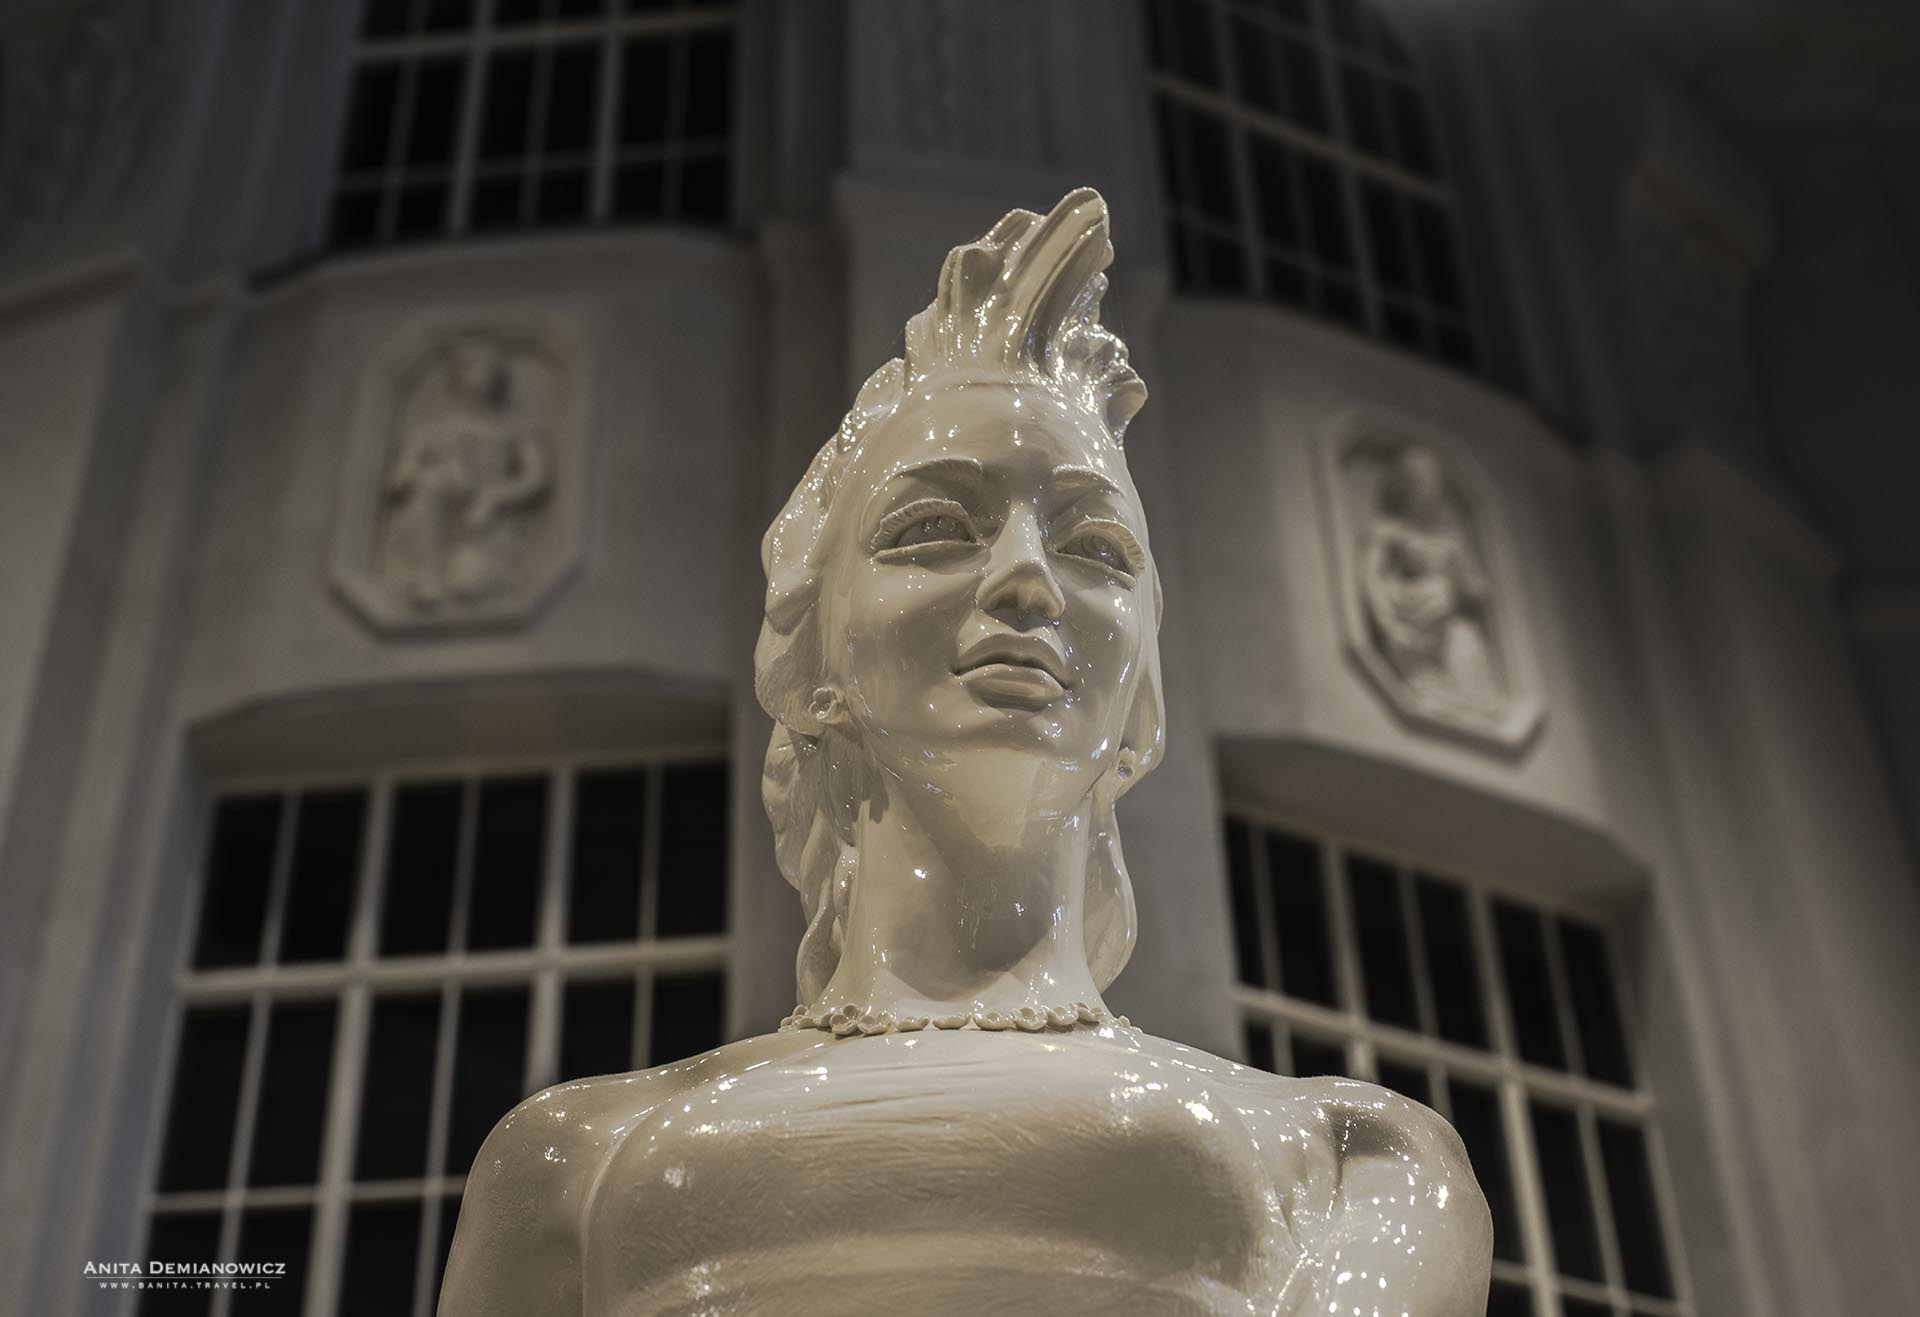 Saksonia - porcelanowa rzeźba patronki regionu. Mierzy 180 cm iważy 800 kg